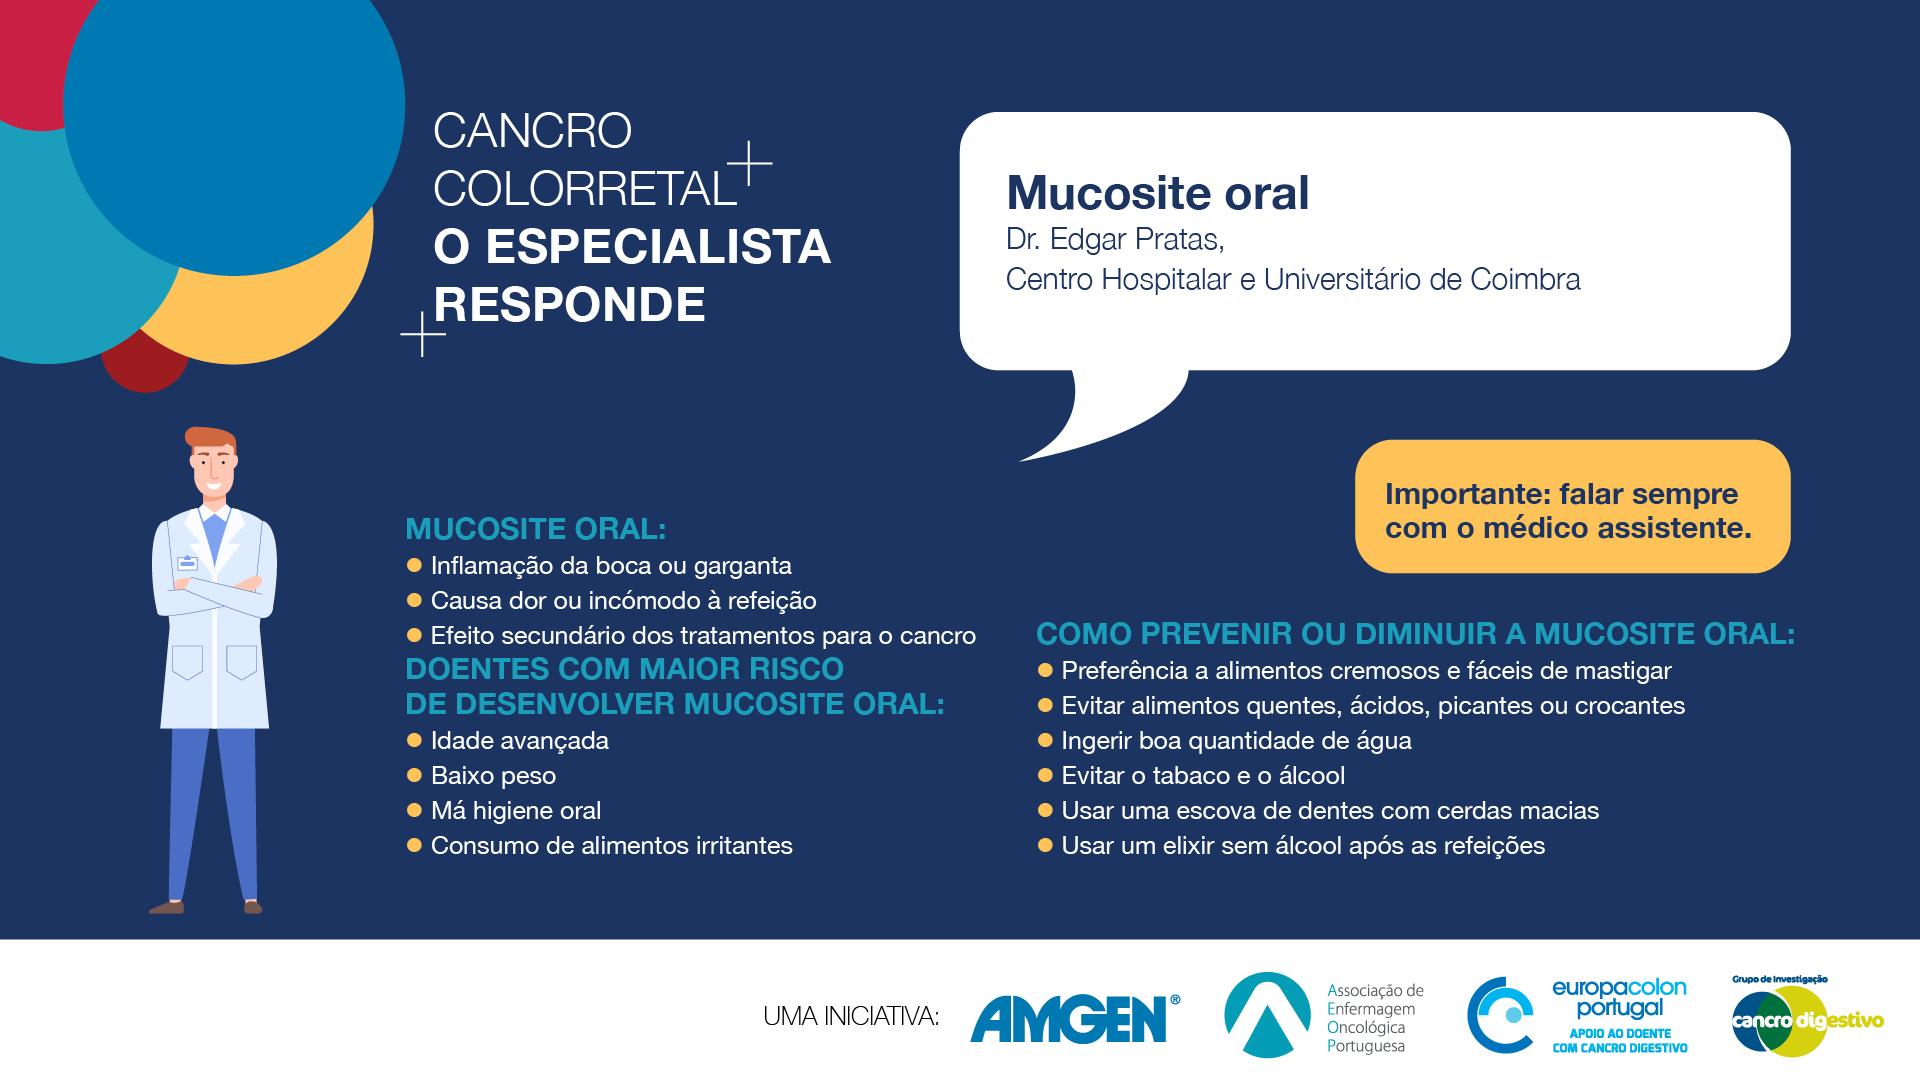 AMGEN cancro colorretal palavra de meüdico4